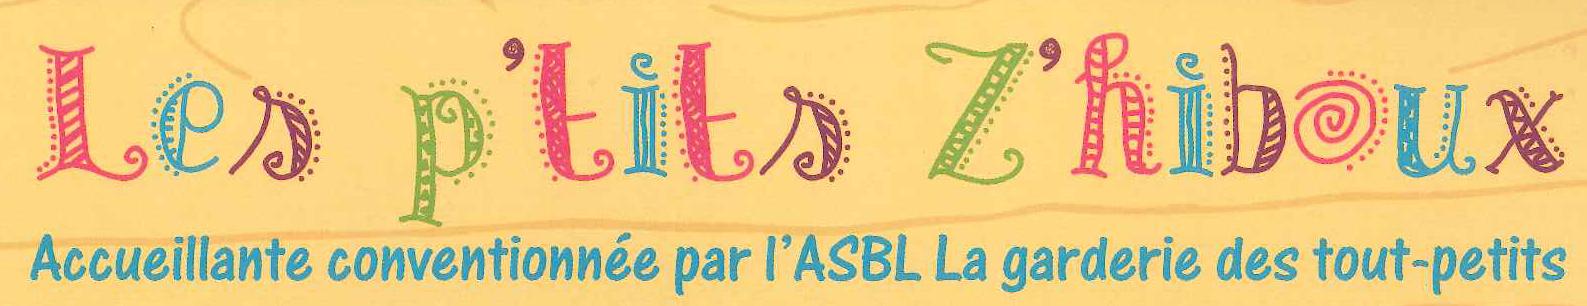 Les p'tits Z'hiboux logo